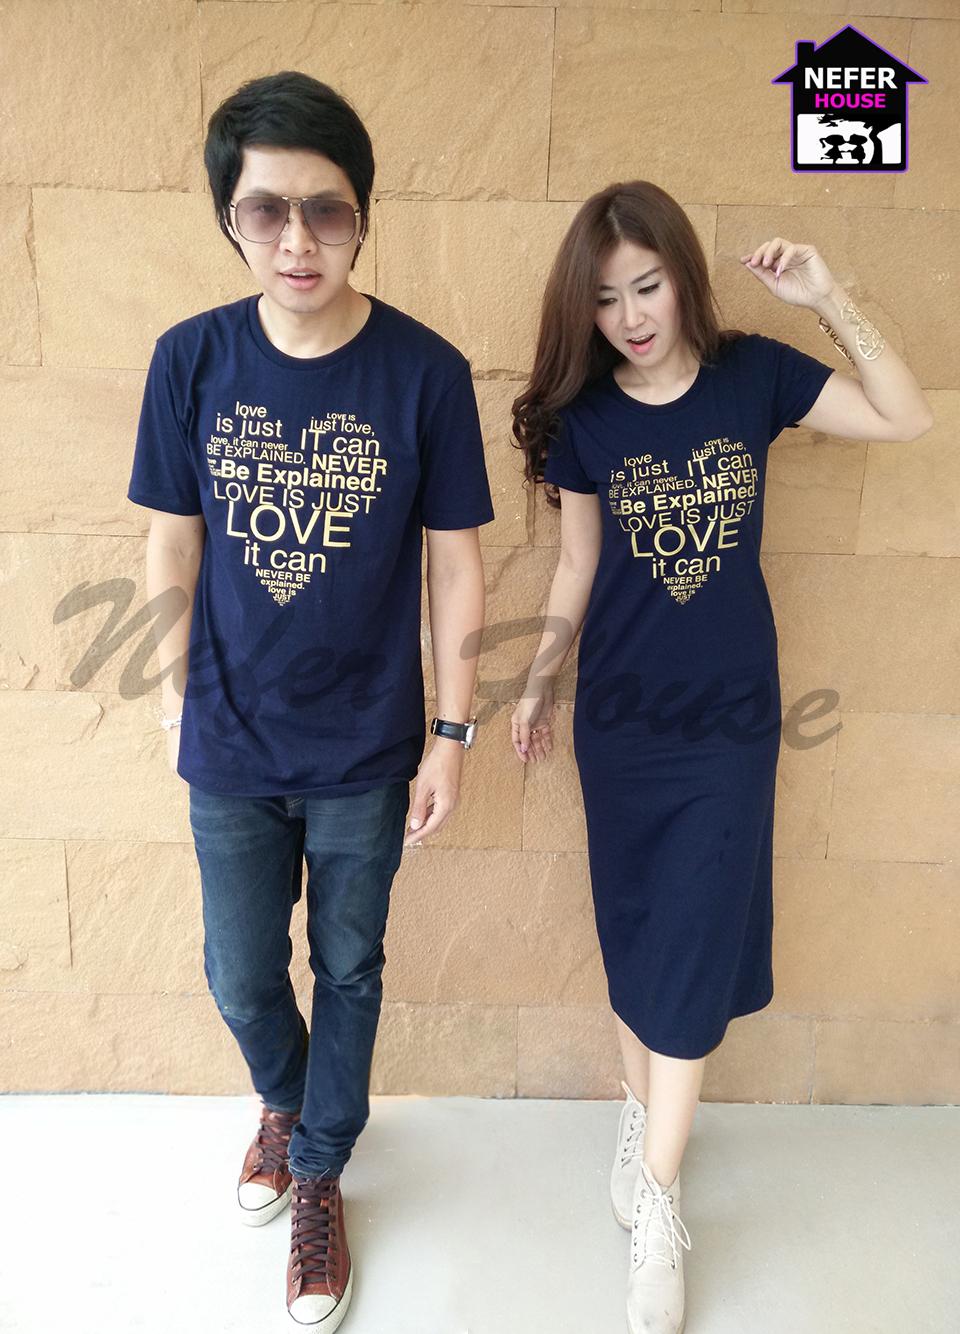 เสื้อคู่รักเกาหลี ทรงยาวสีกรมตัดกับสกรีนสีเหลืองทอง ทำเป็นรูปหัวใจ